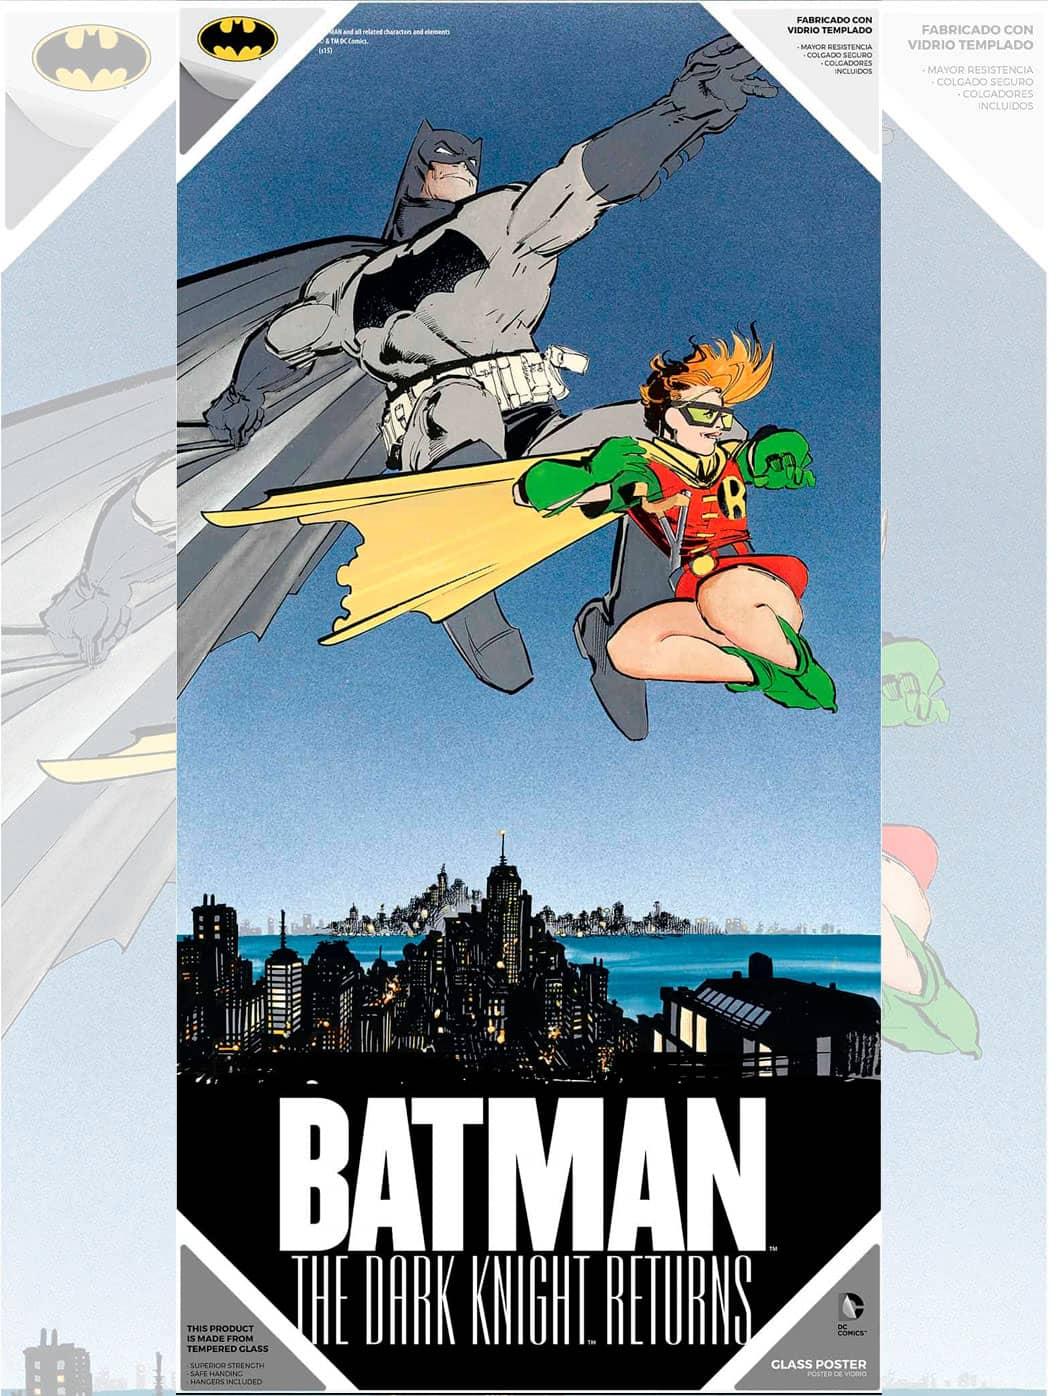 BATMAN Y ROBIN POSTER DE VIDRIO THE DARK KNIGHT RE